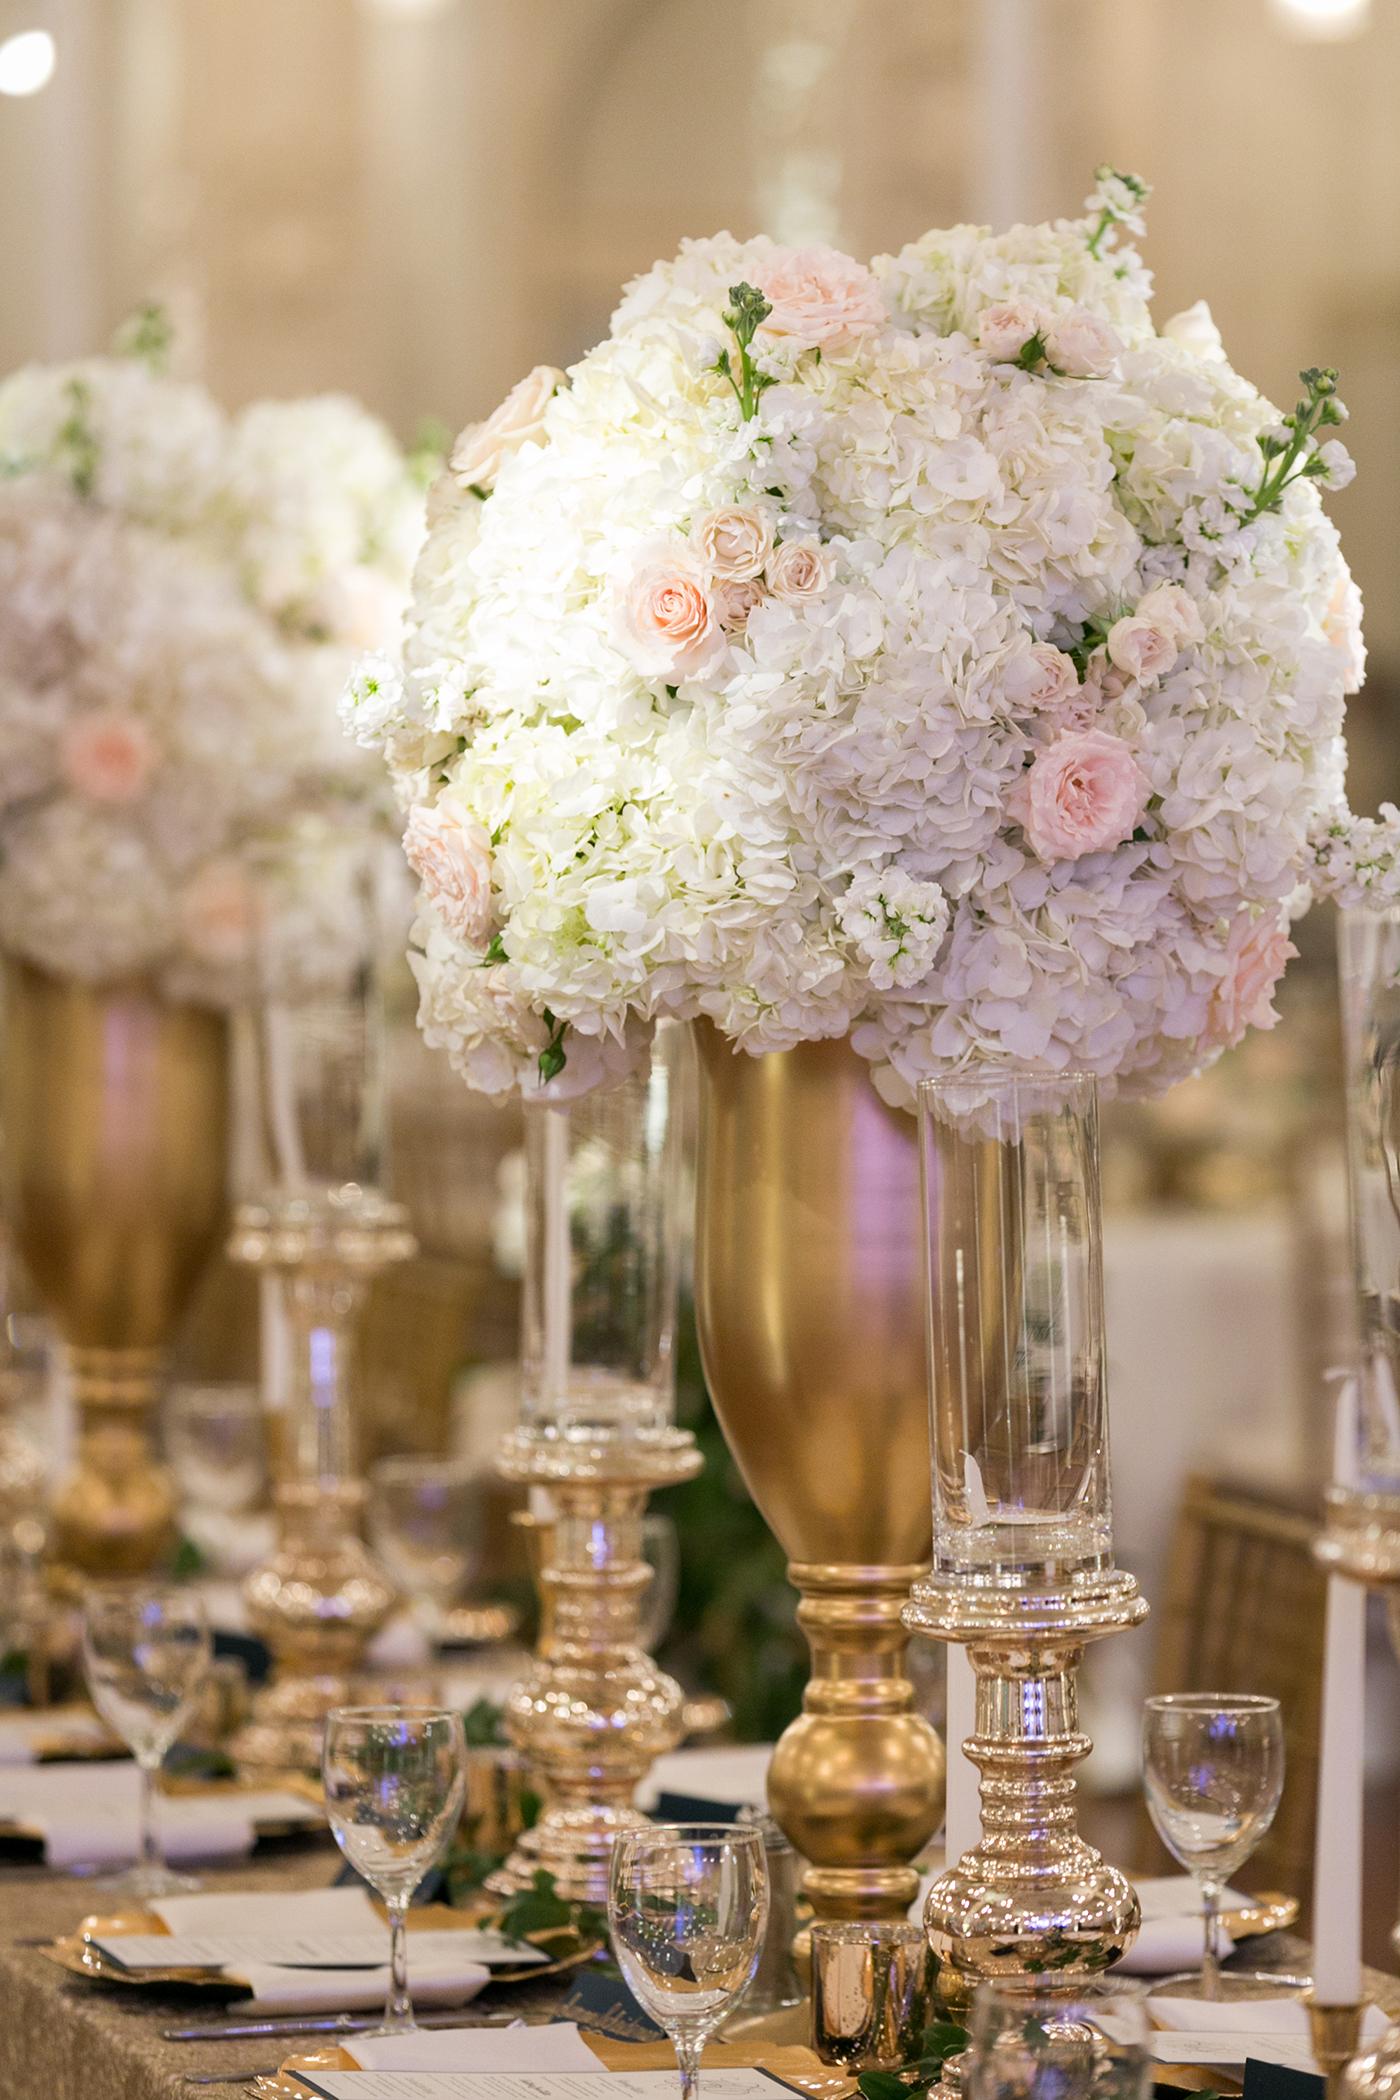 Dallas Wedding Planner - Allday Events - Classic Wedding at Dallas Scottish Rite - 66.jpg